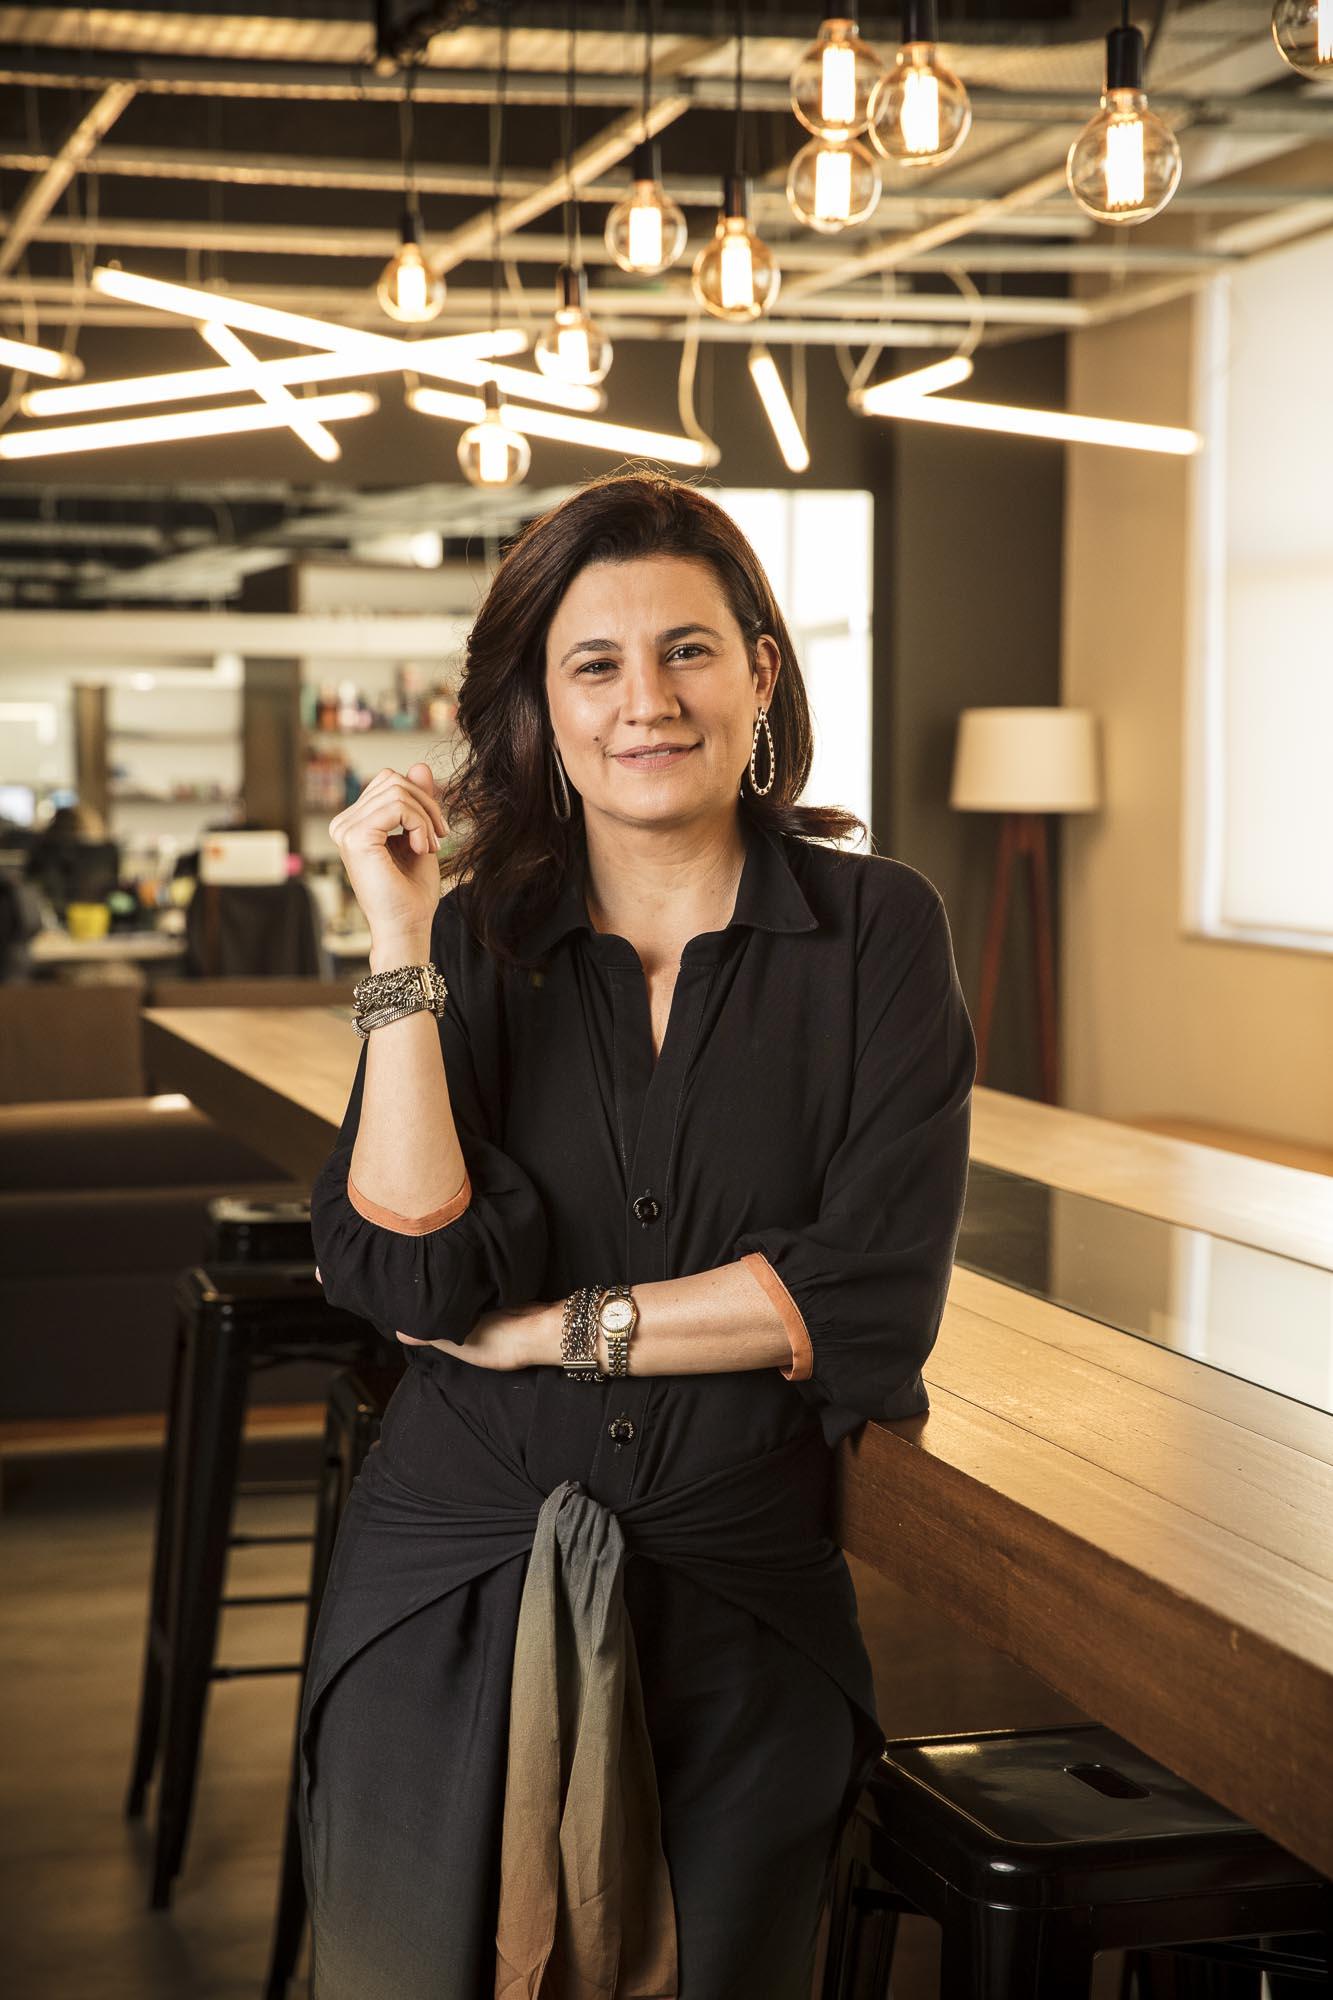 Ana Paula Perdigão, Diretora de Atendimento.